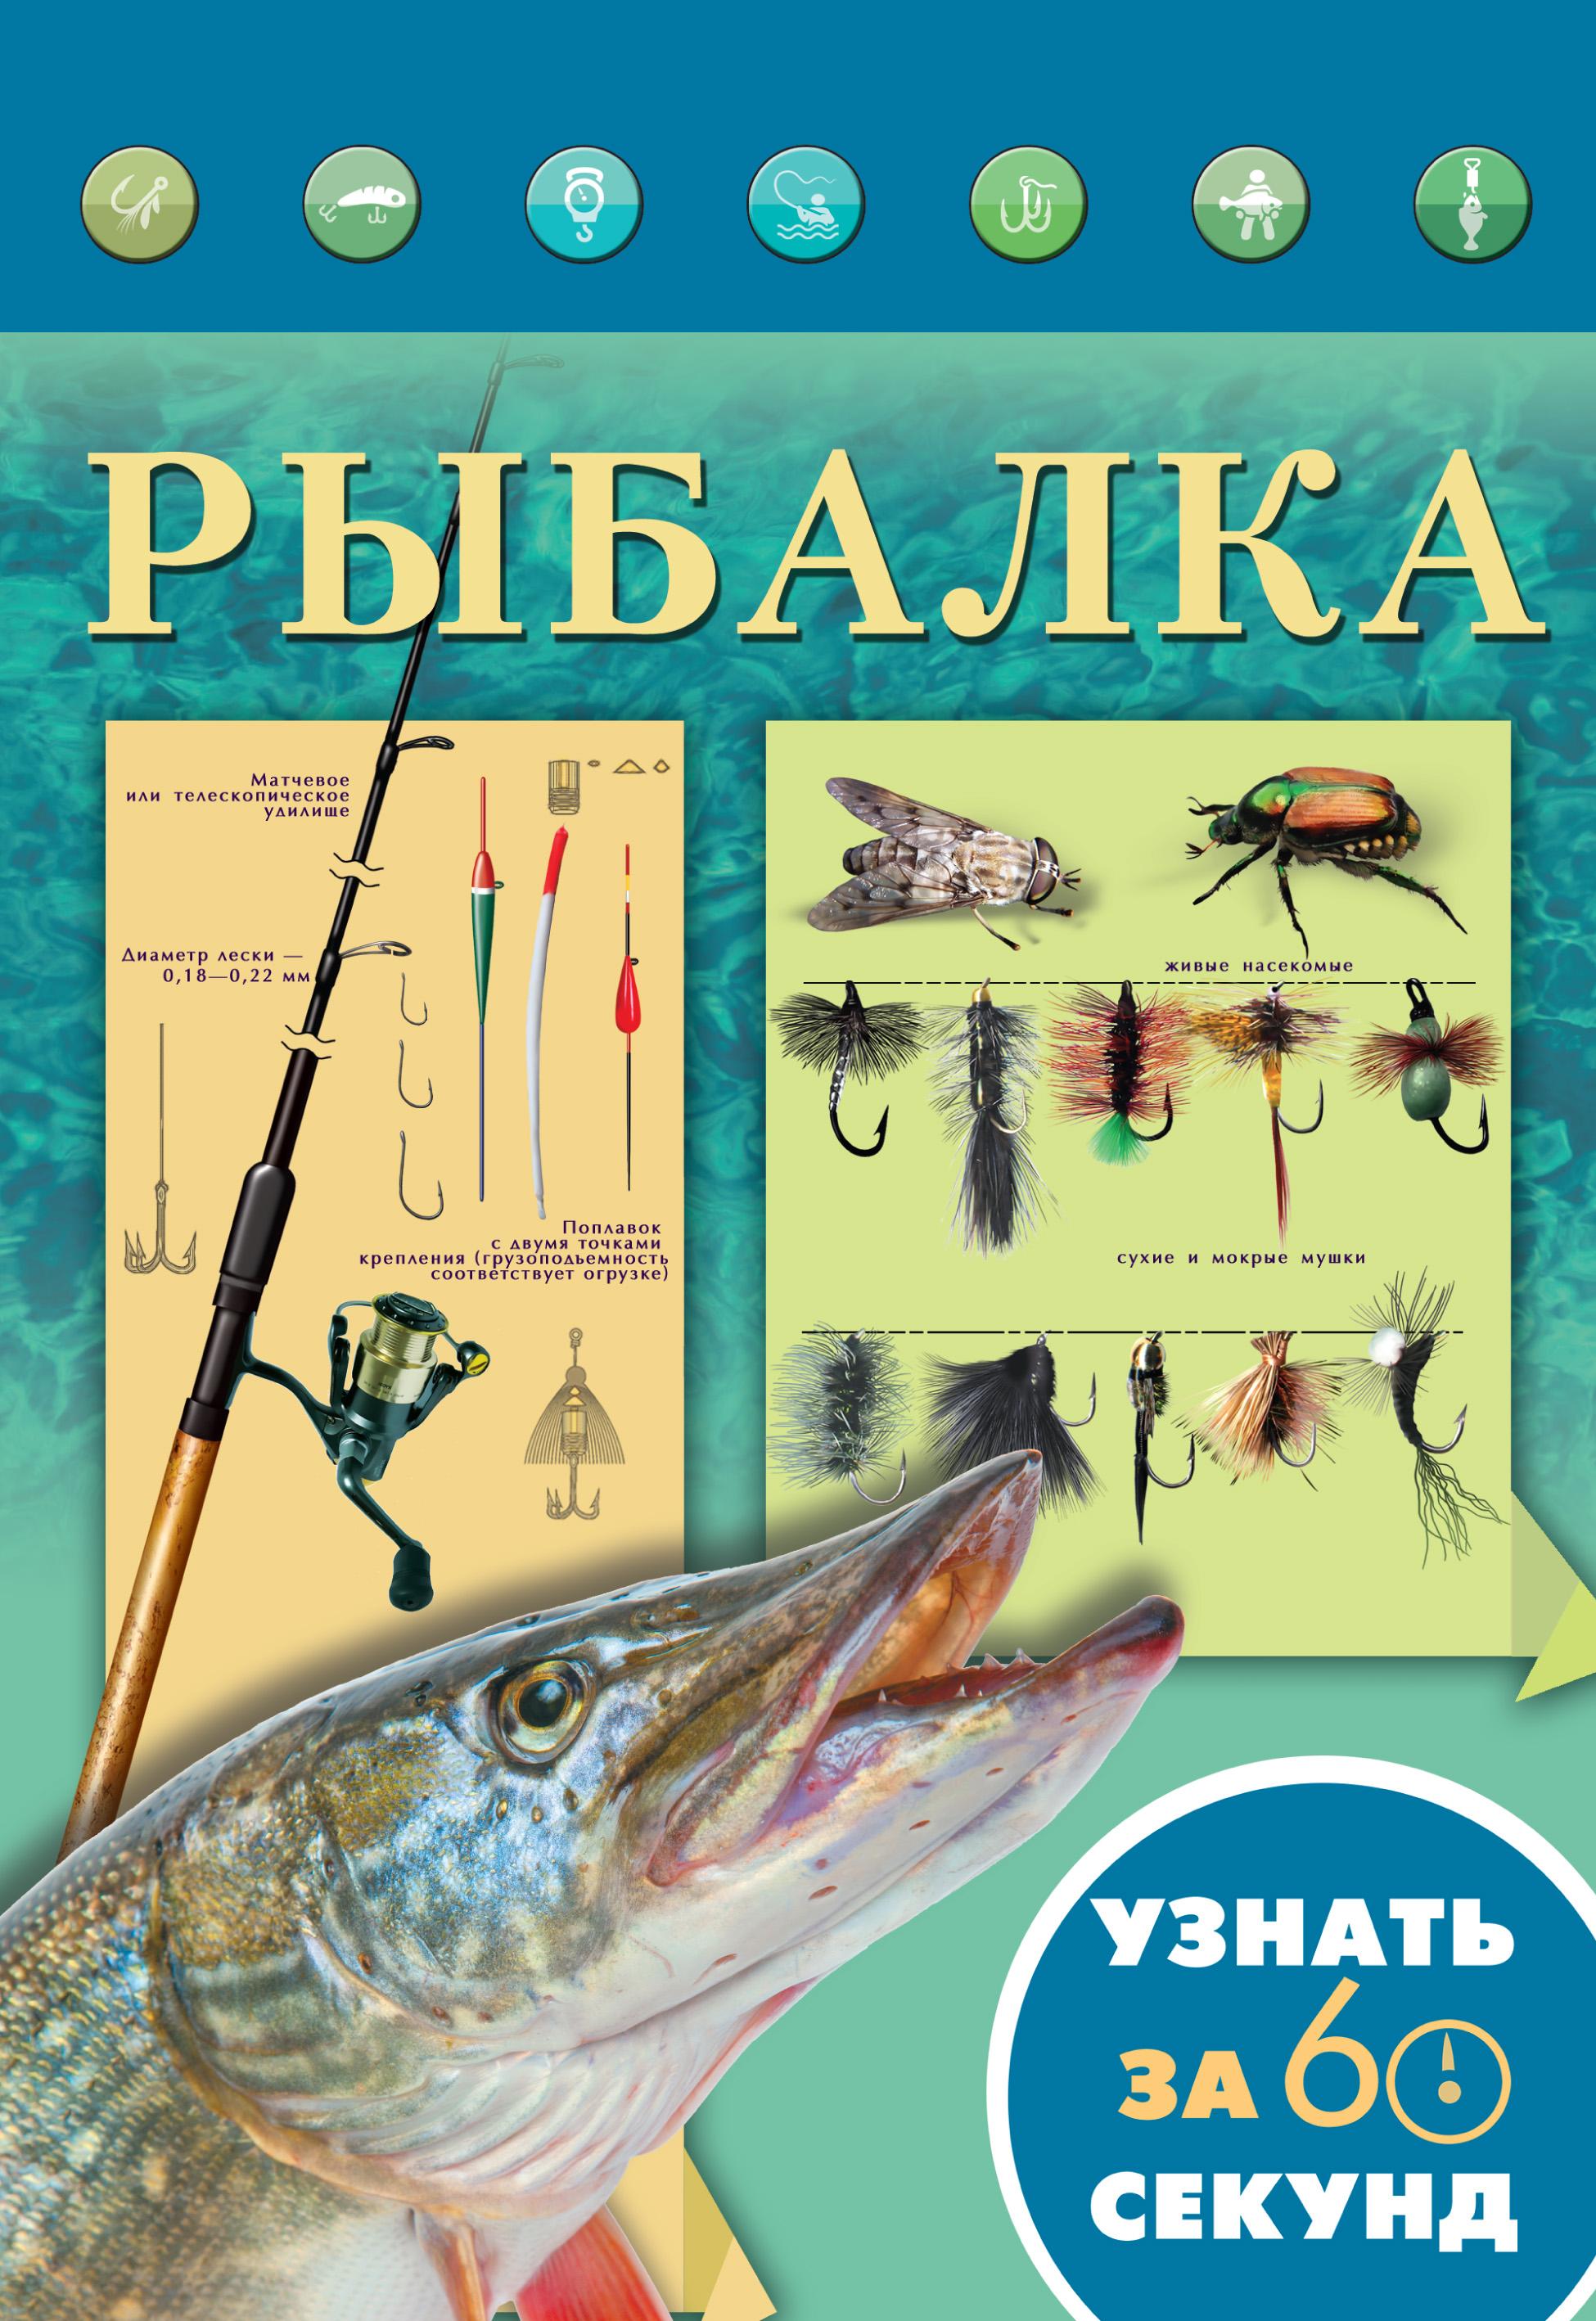 Н. В. Хмелевская Рыбалка брант шэрон школа вязания шаг за шагом полезные советы и маленькие хитрости